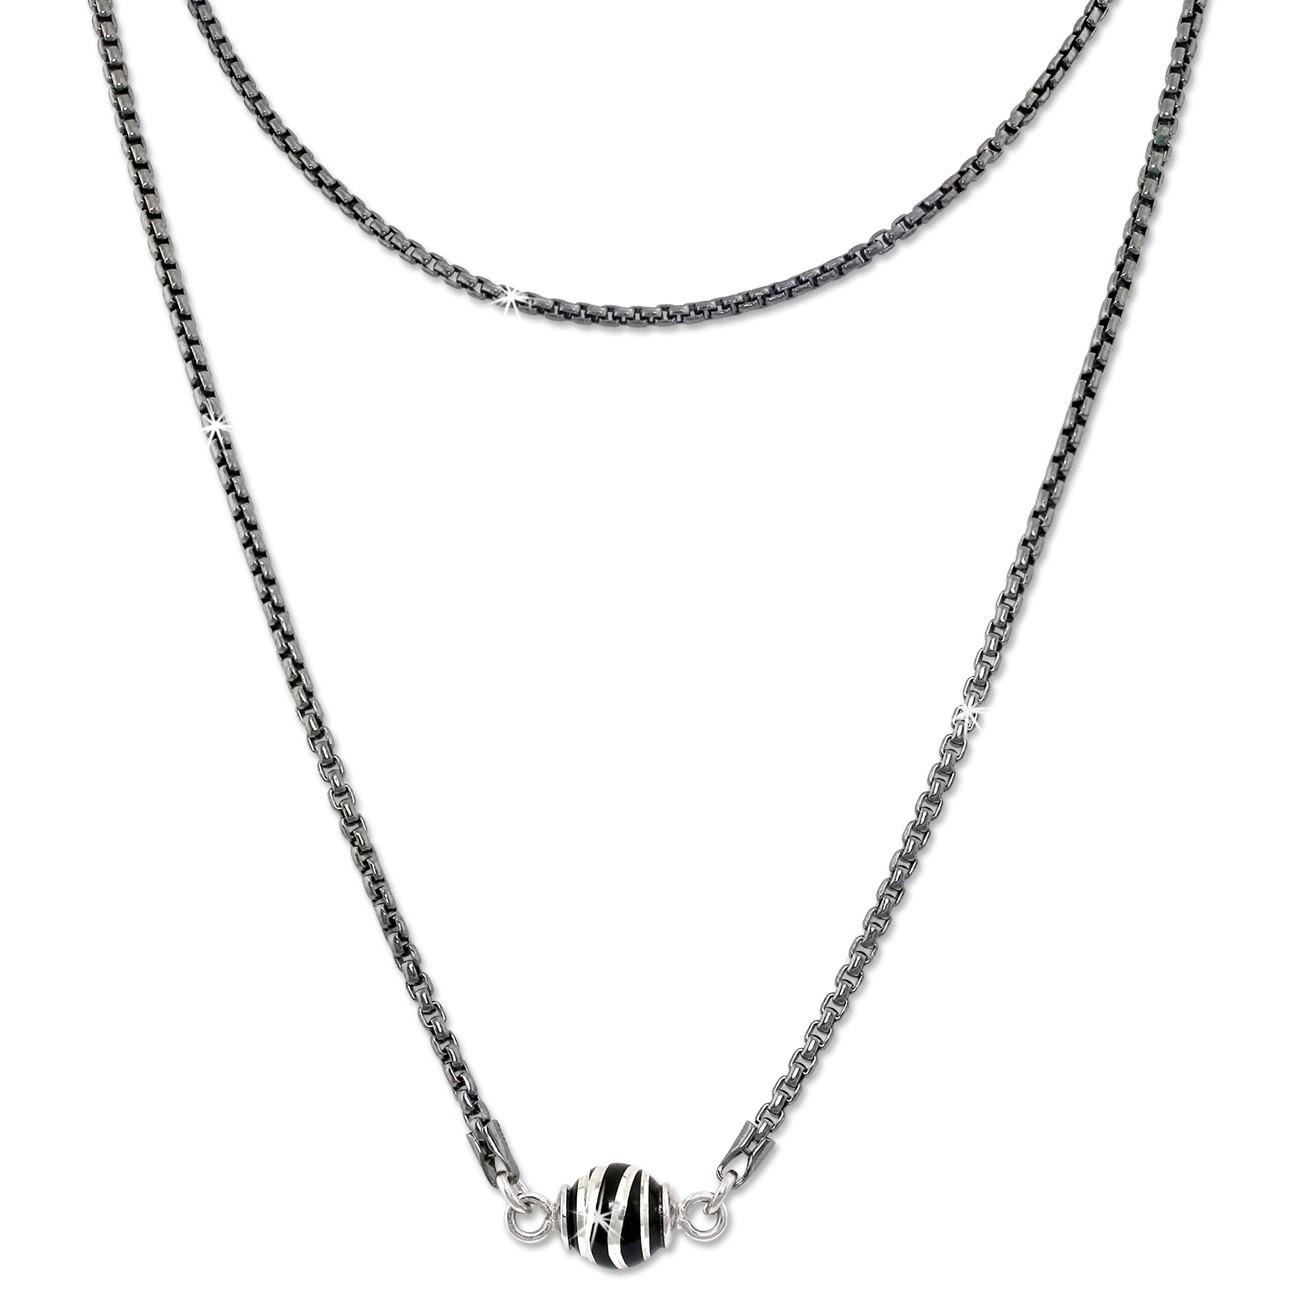 SilberDream Collier Kette Kugel Welle geschwärzt 925 Silber Damen 46cm SDK24446S